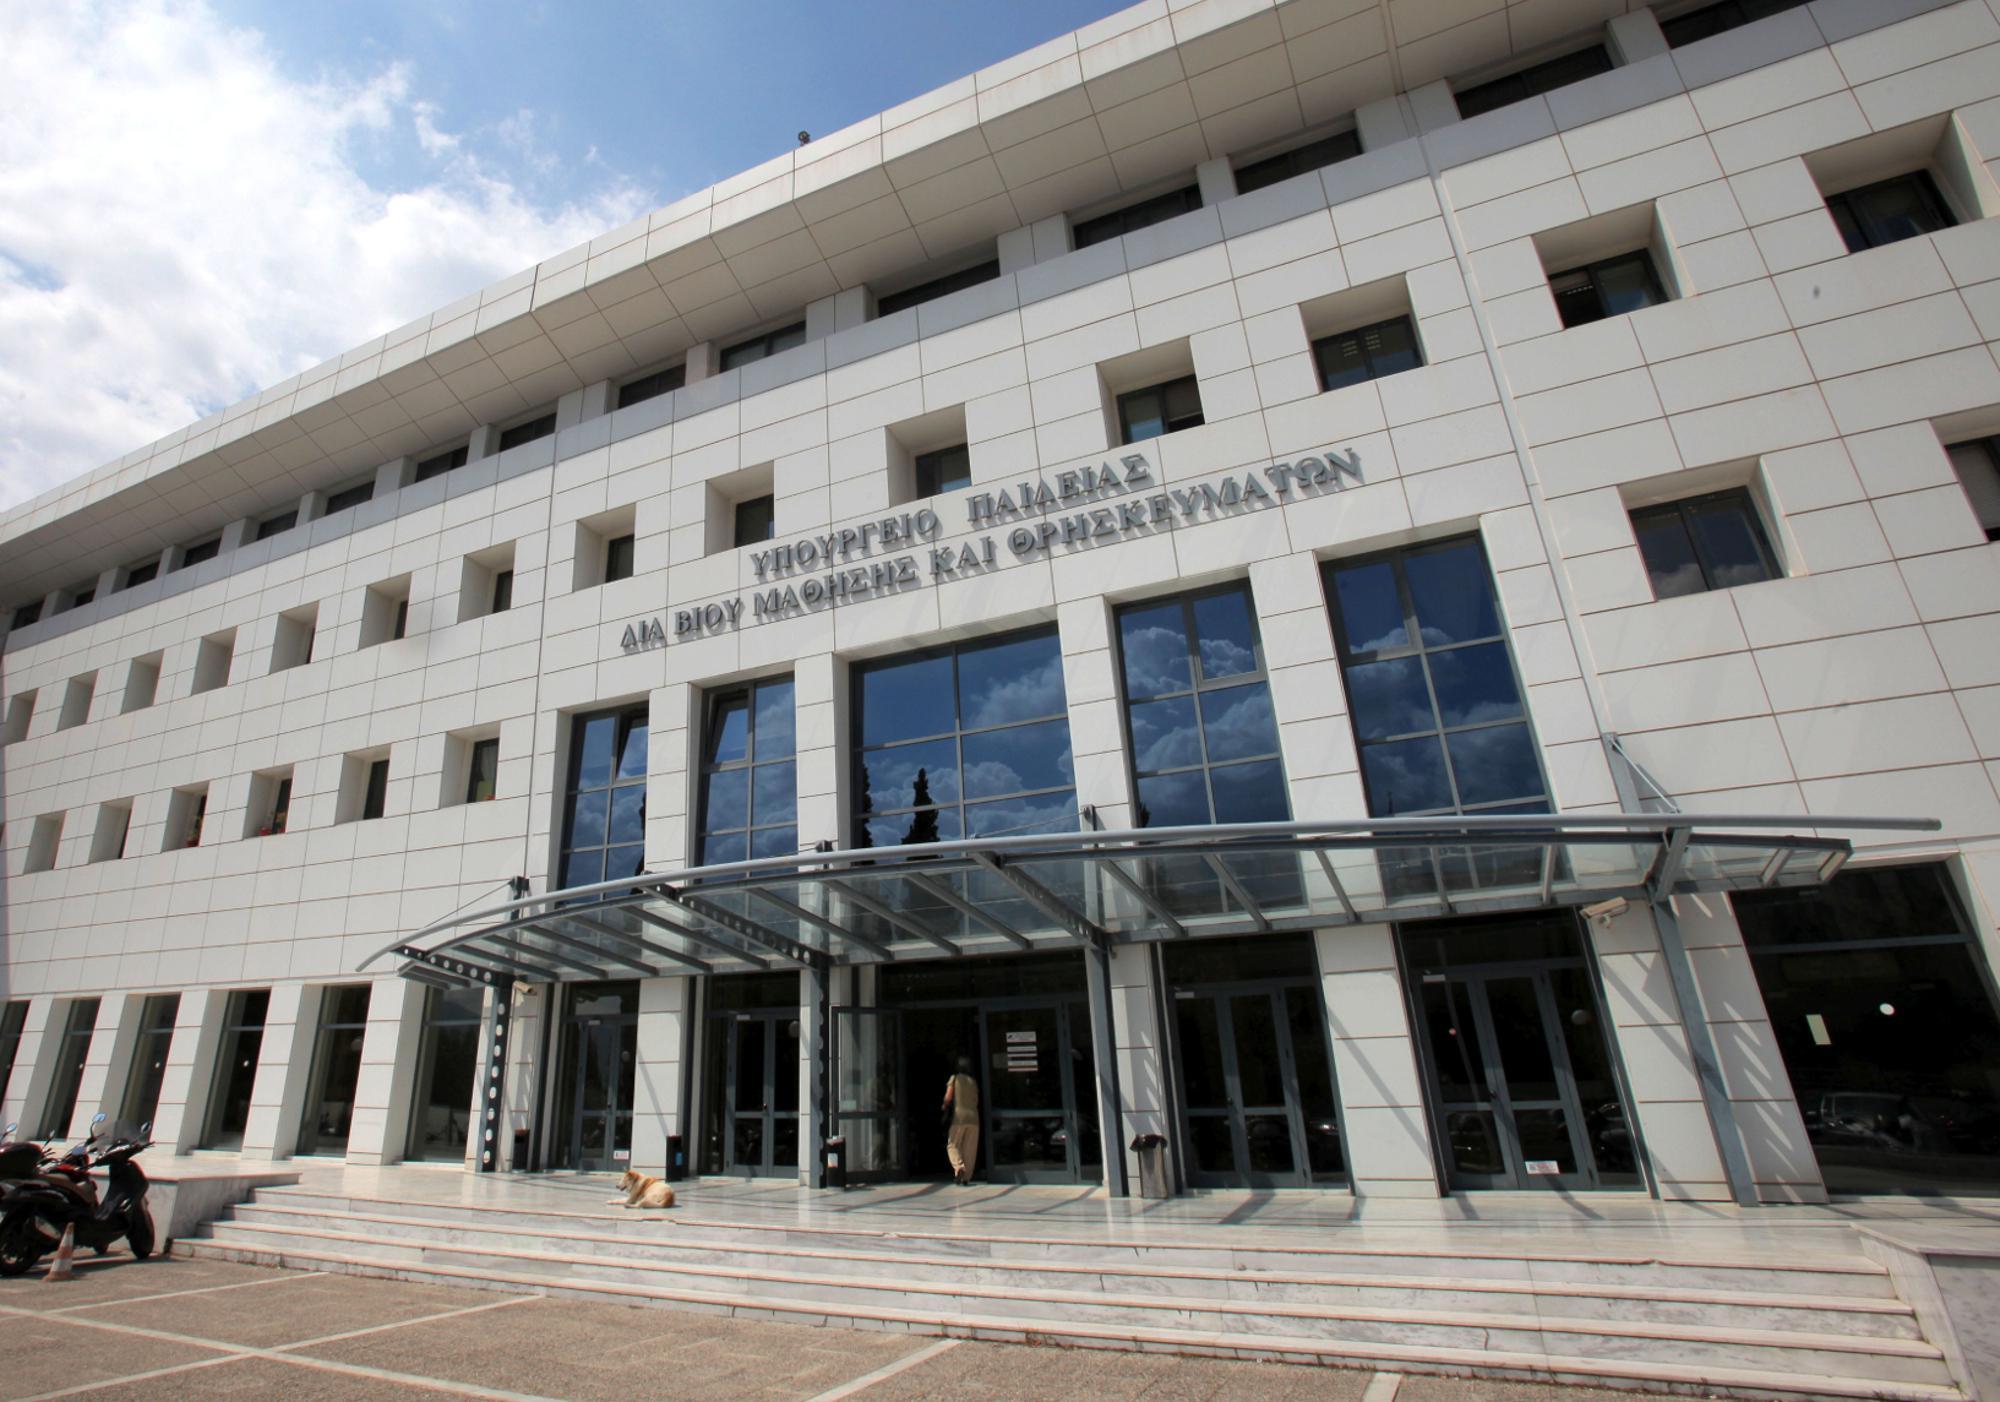 Υπουργείο Παιδείας: Επαναλειτουργούν τα εργαστήρια των ΑΕΙ και τα φροντιστήρια - Ποια τα μέτρα προστασίας